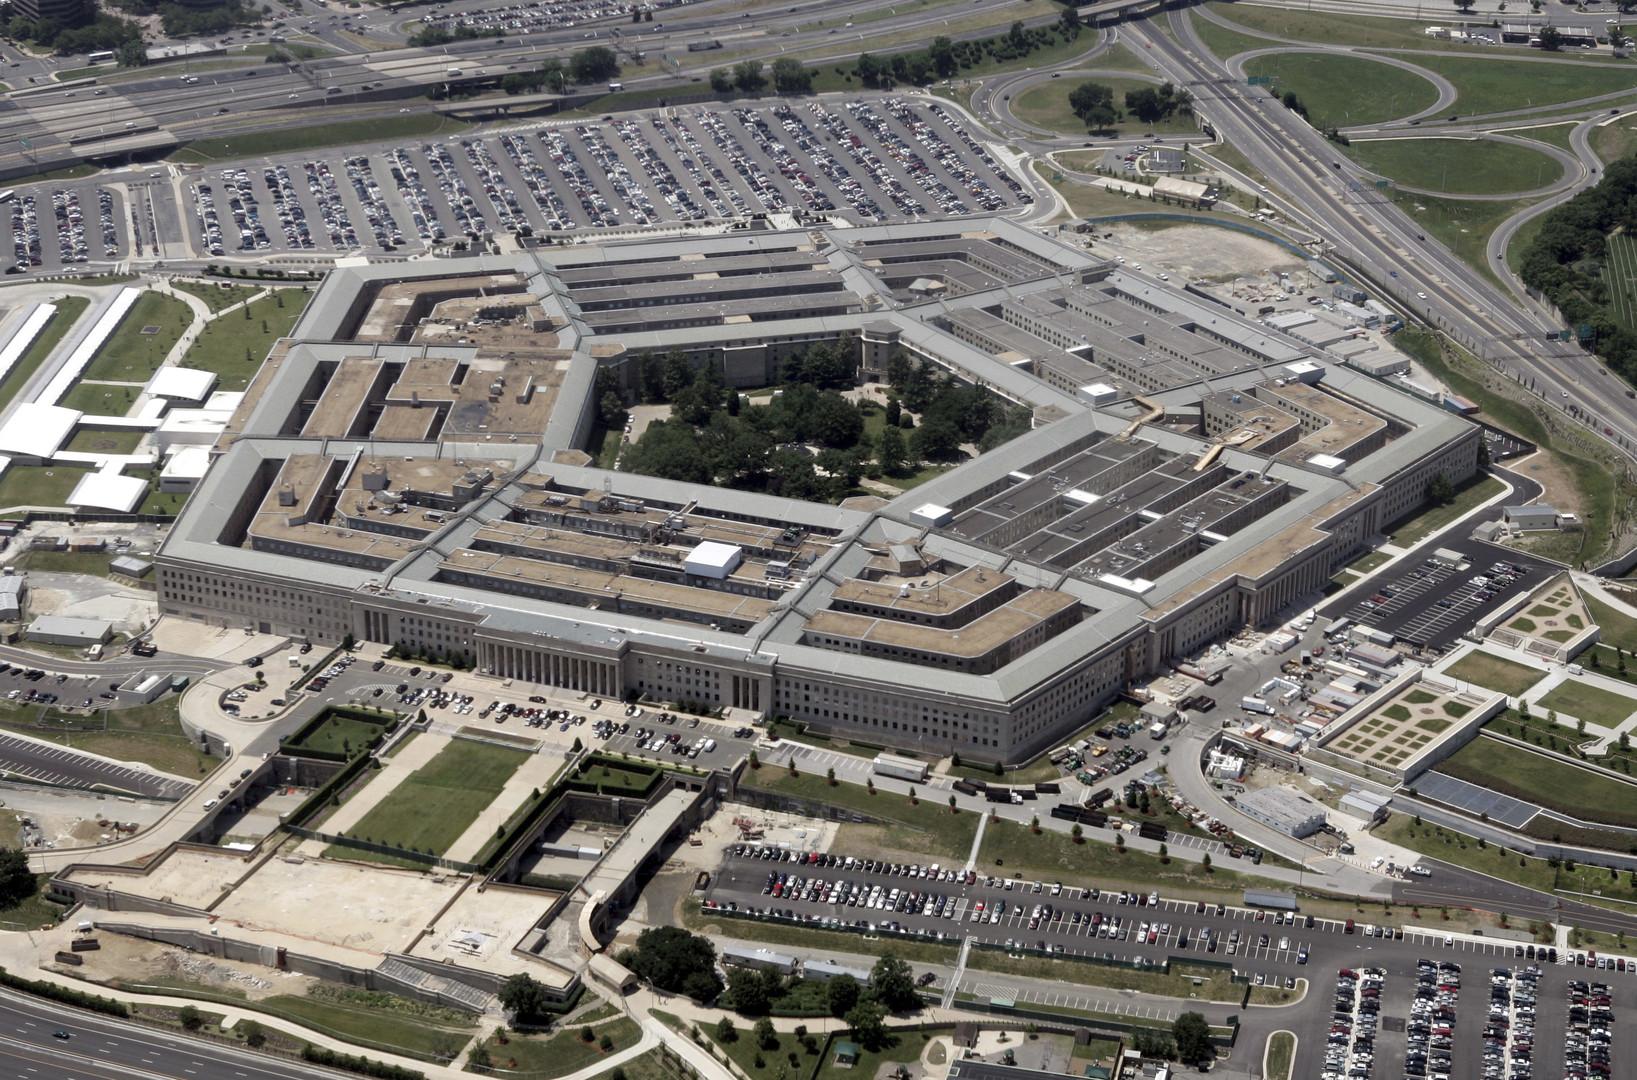 Ошиблись ящиком: Пентагон отправил журналистам RT Ruptly критику в адрес видеоагентства